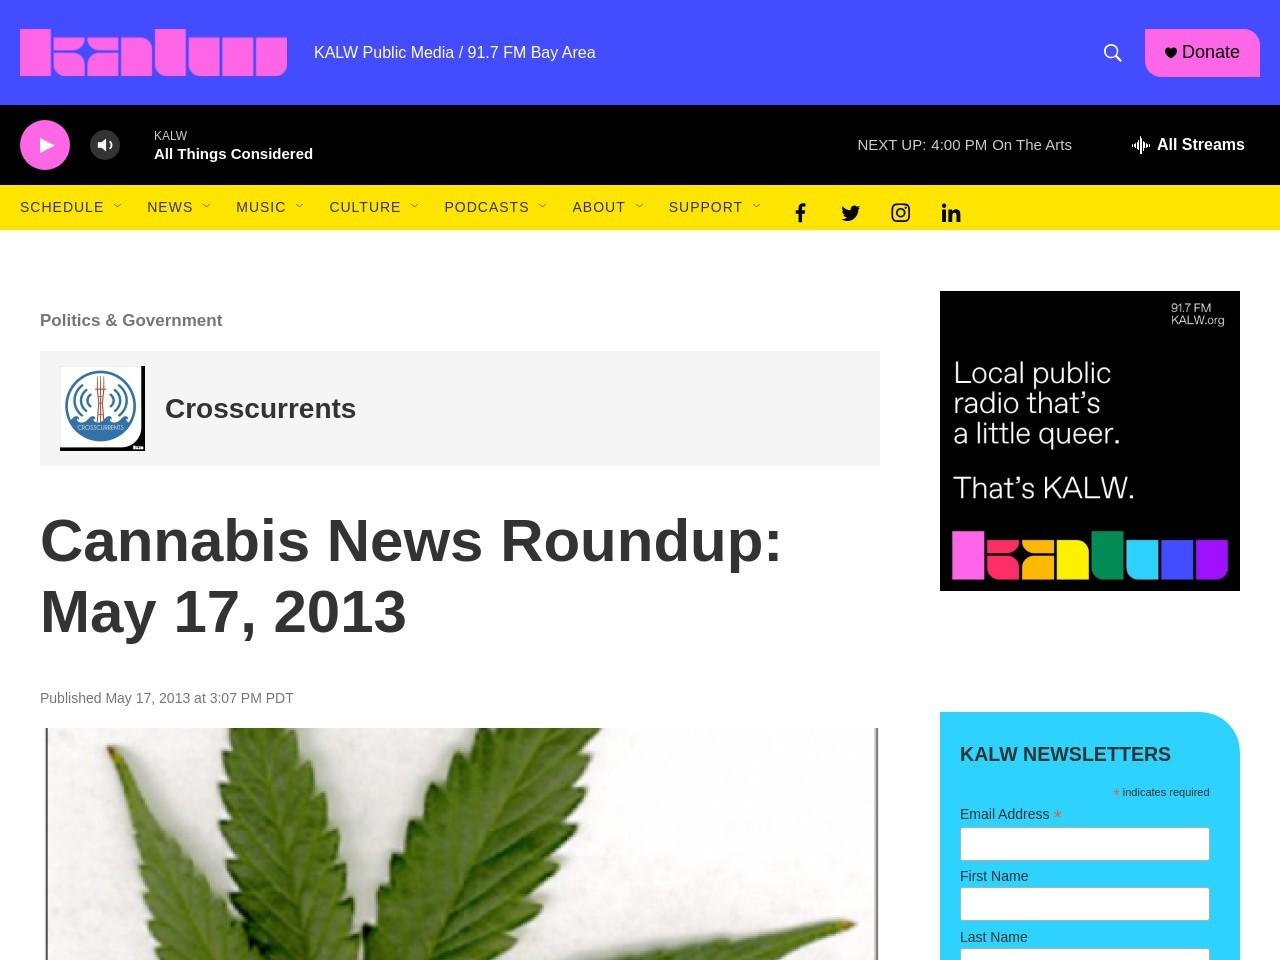 Cannabis News Roundup: May 17, 2013